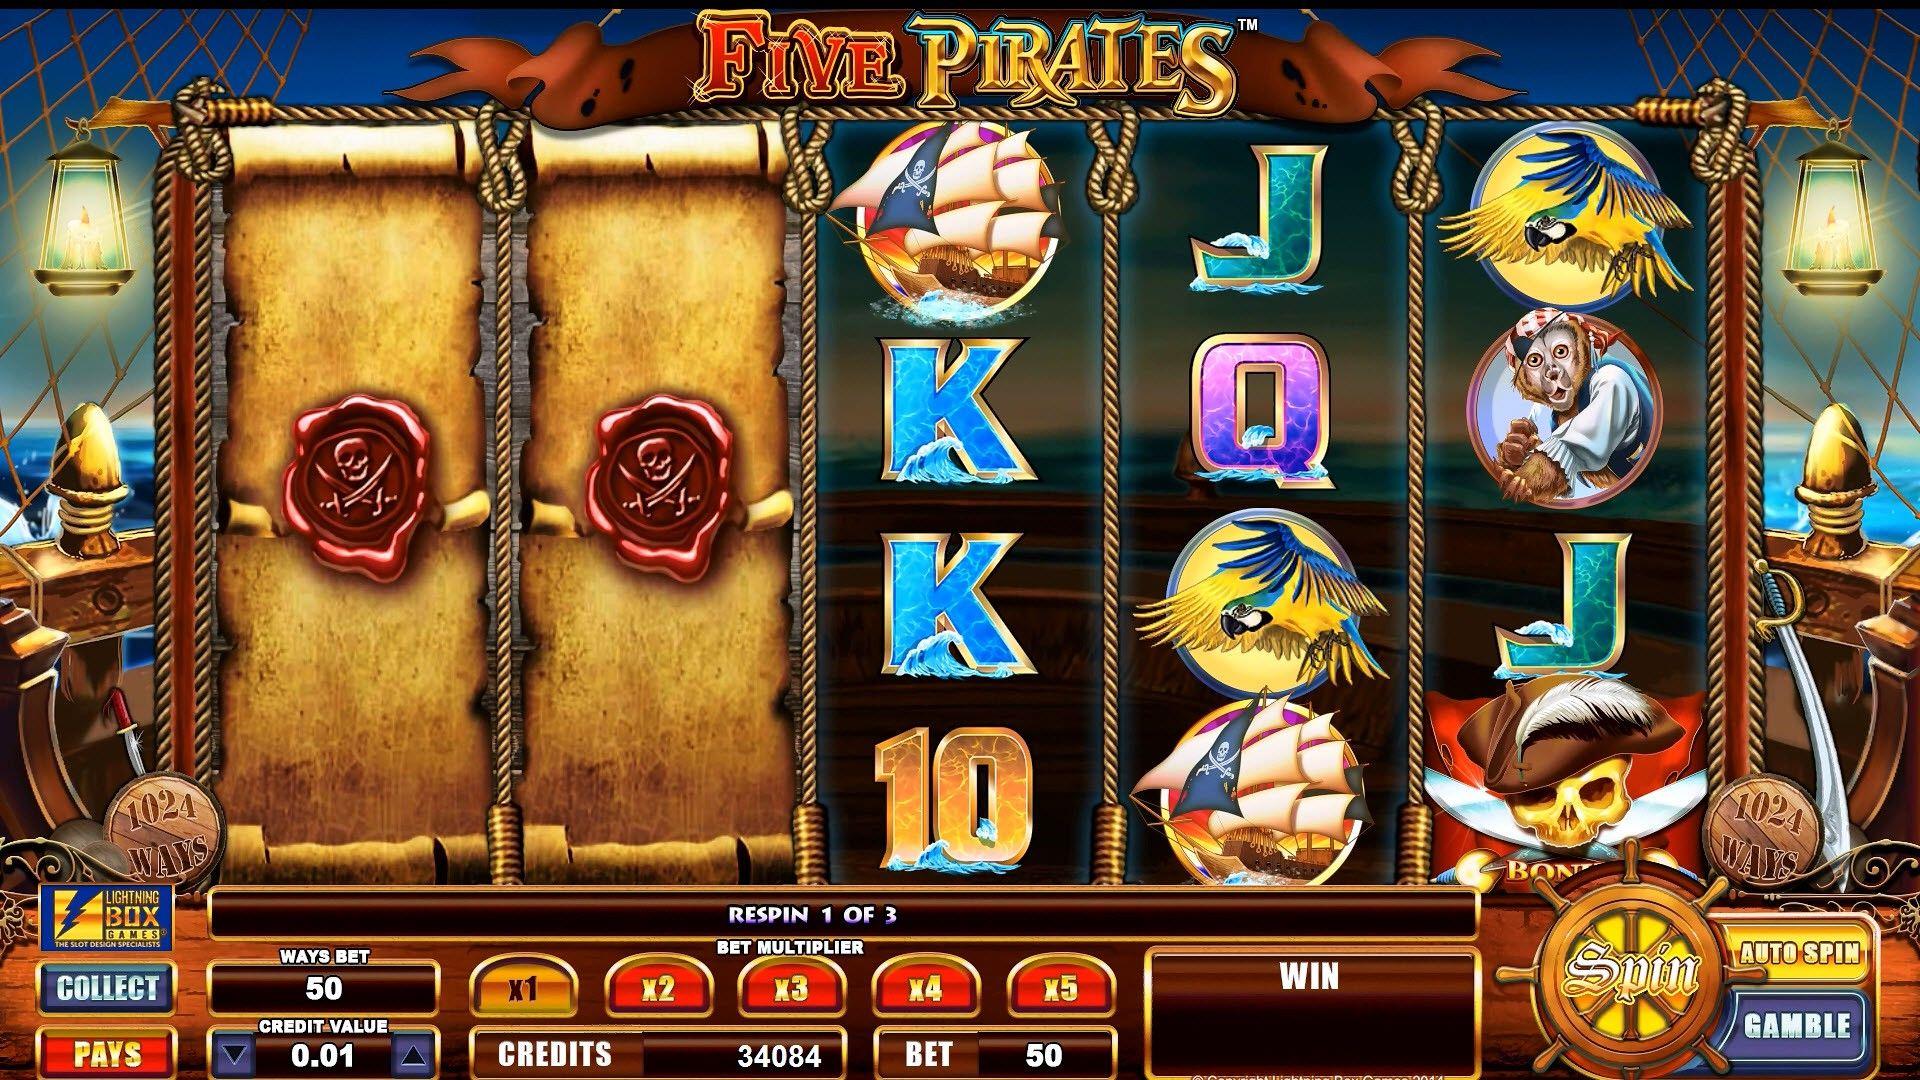 Игровые автоматы пробки играть бесплатно и без регистрации новые игры 777